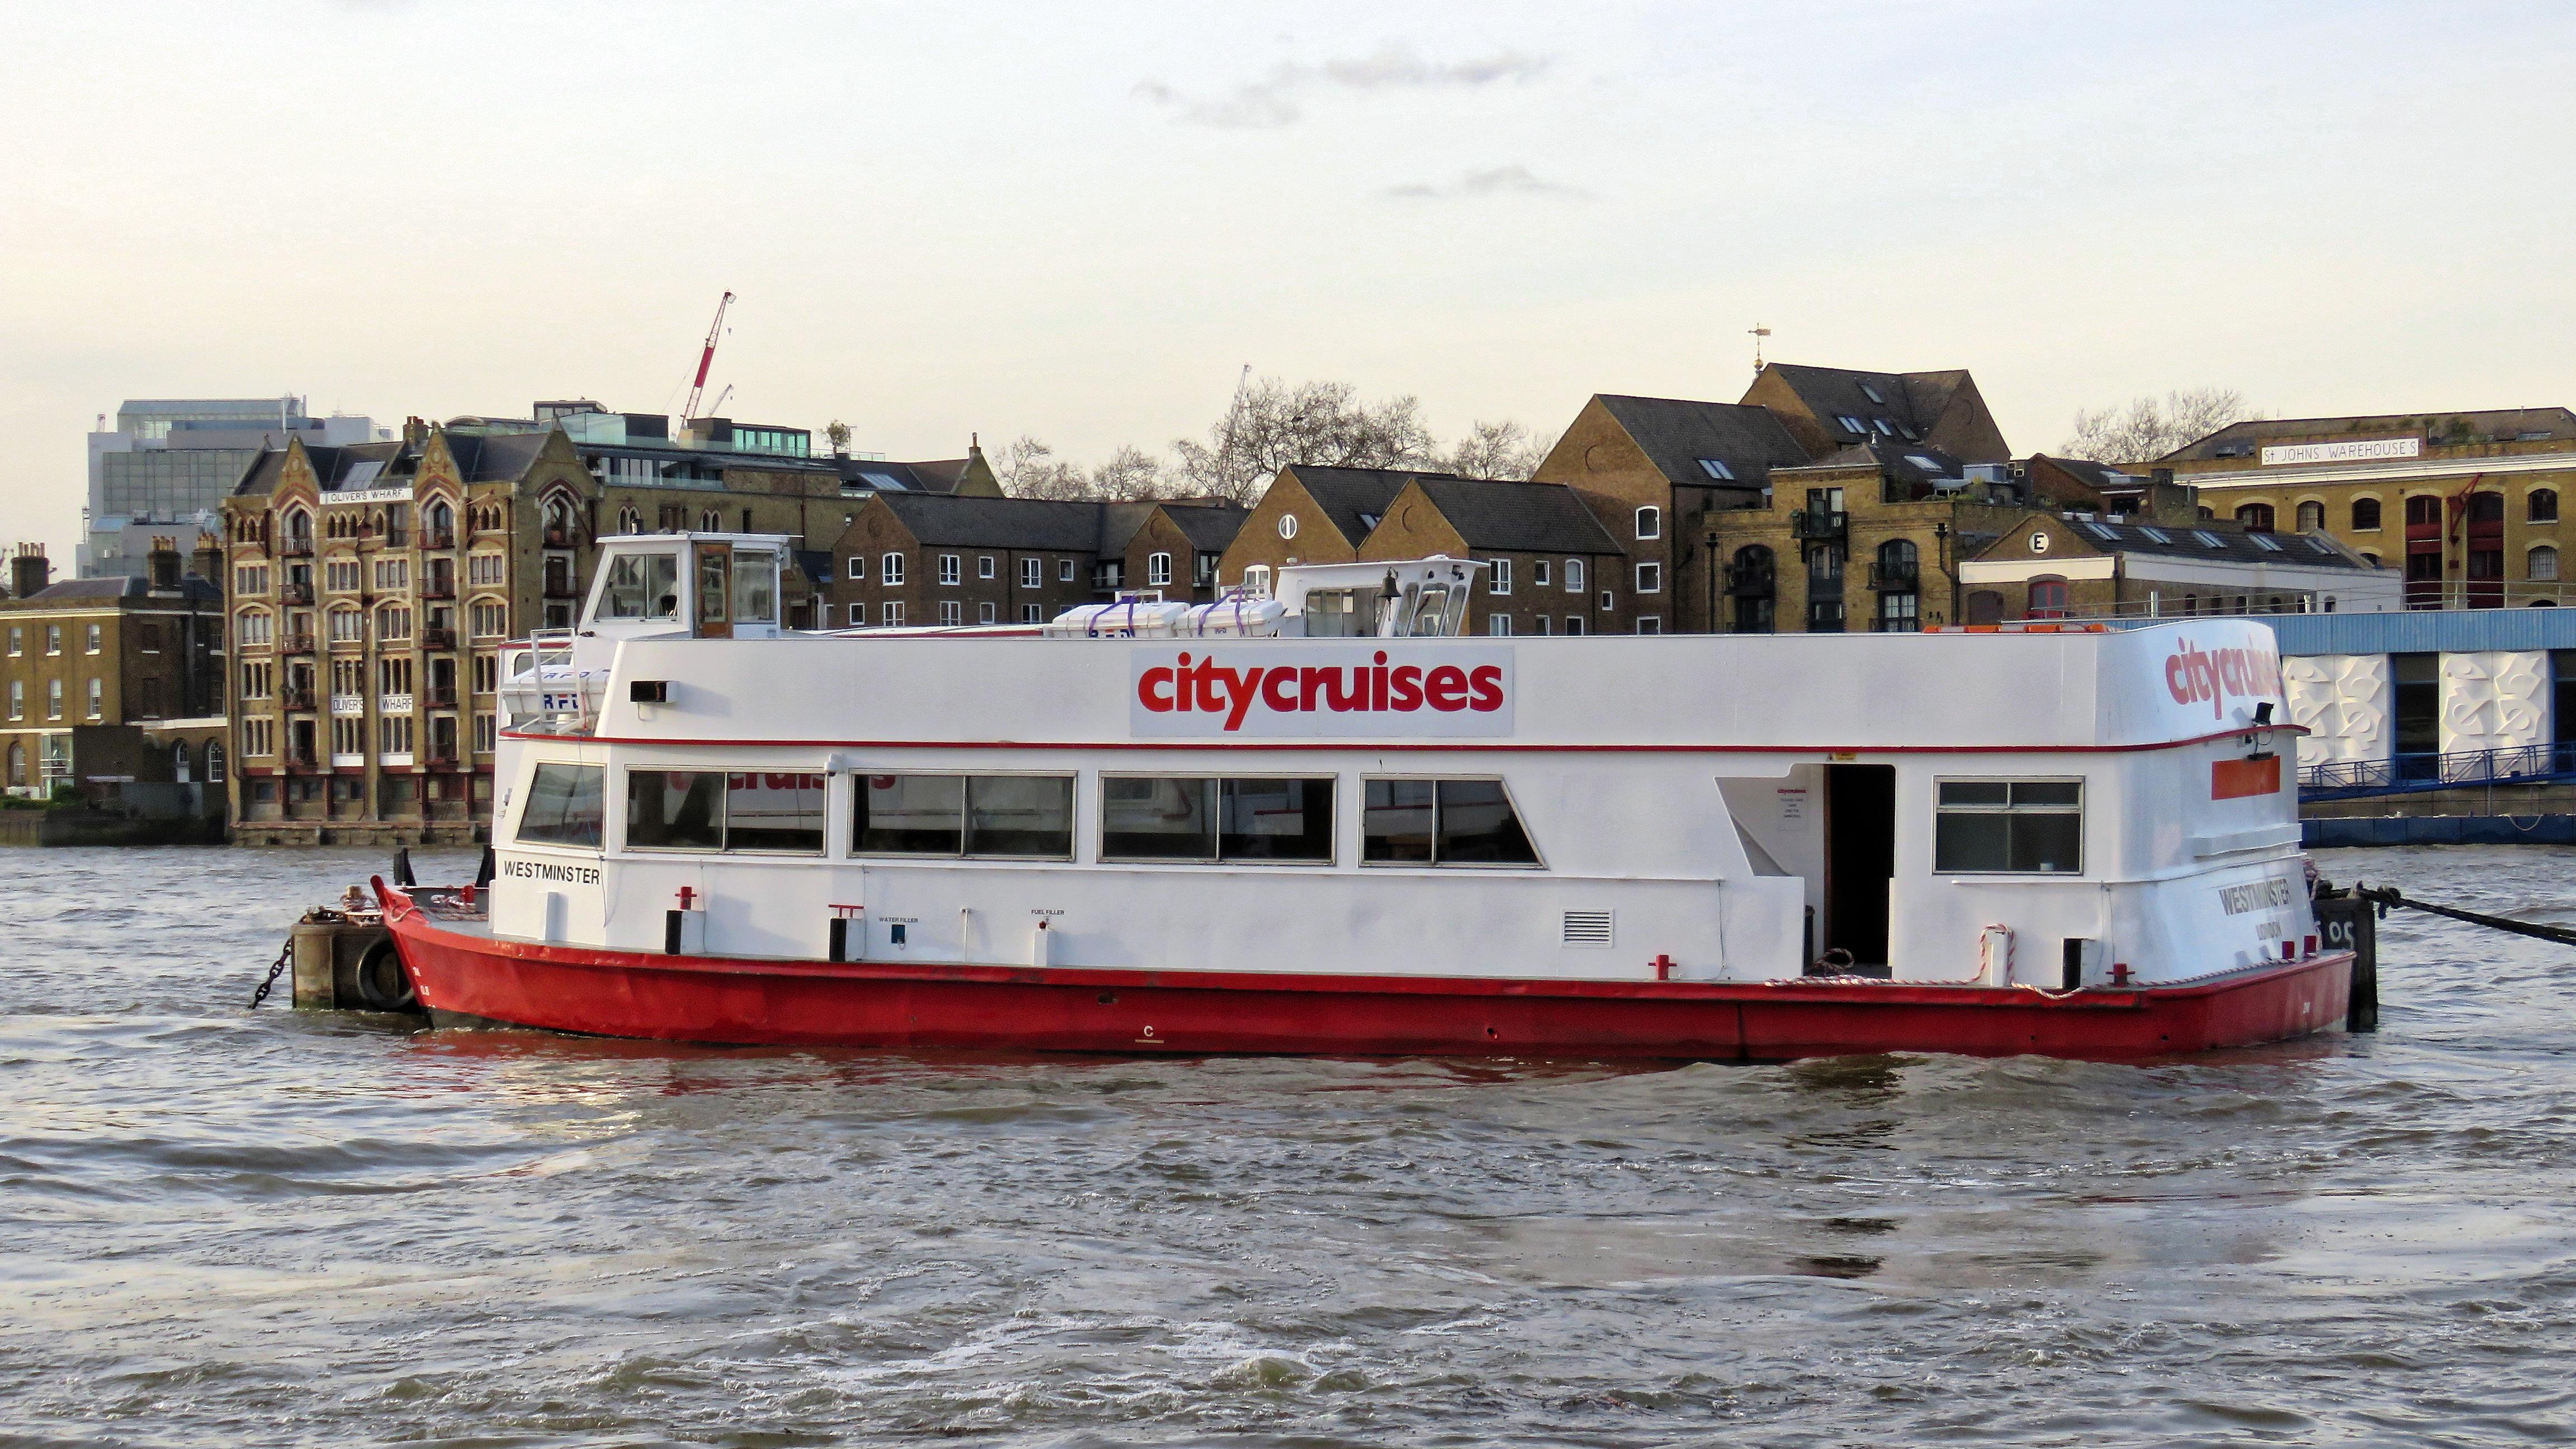 City Cruises 'MV Westminster' on the River Thames, London 01.jpg